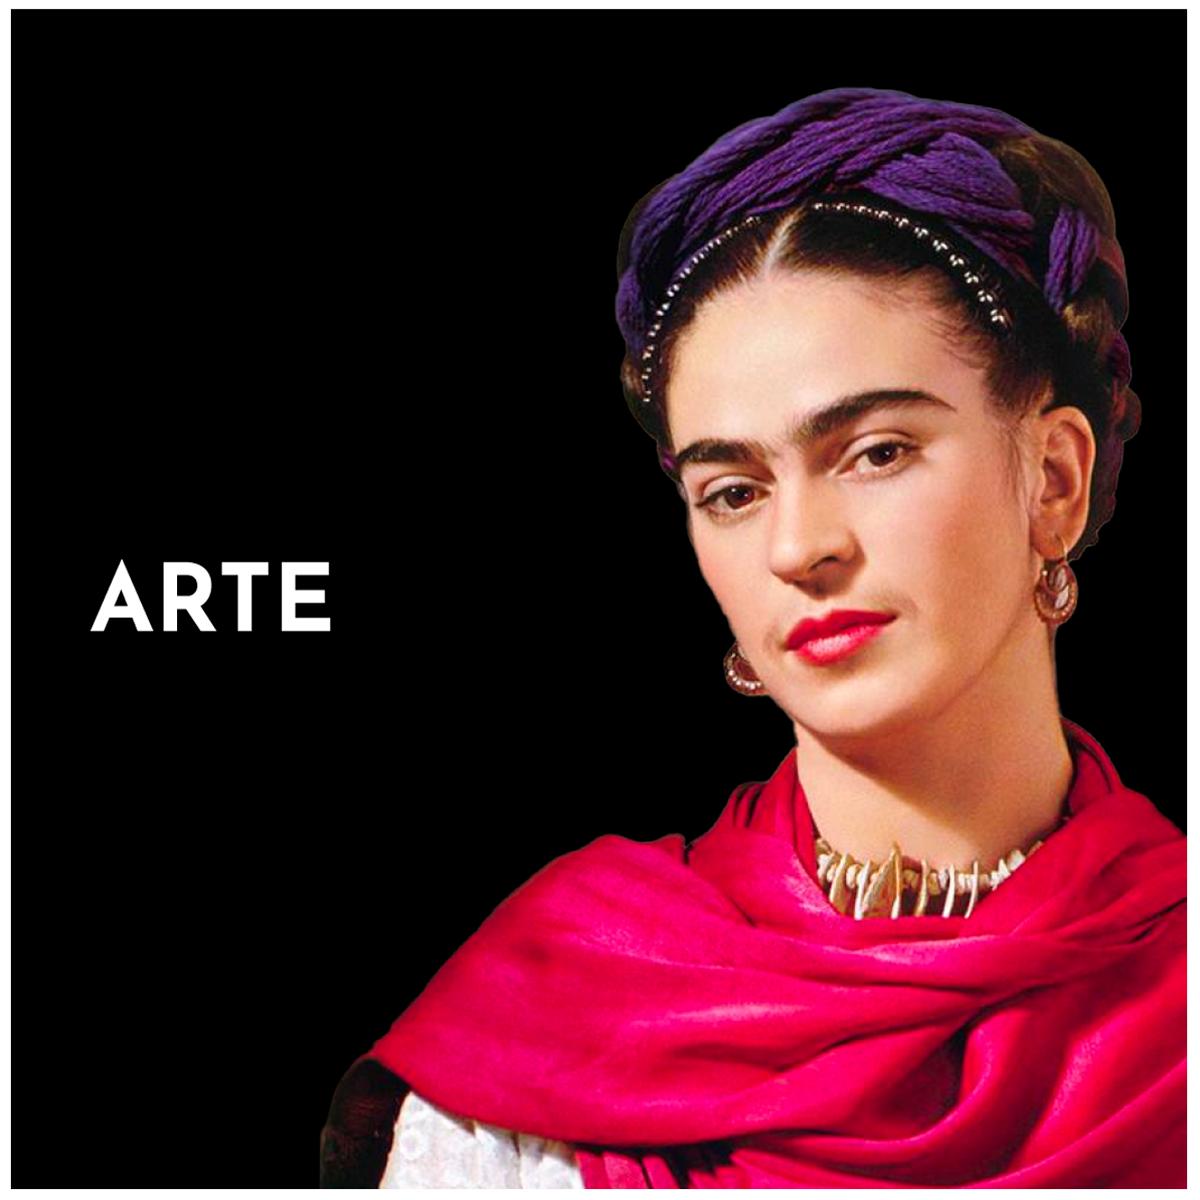 Cursos sobre Arte, Cursos de arte Online, cursos en español, aprendizaje, cursos en linea, Cursos sobre arte en español, Ilustre, cursos gratis